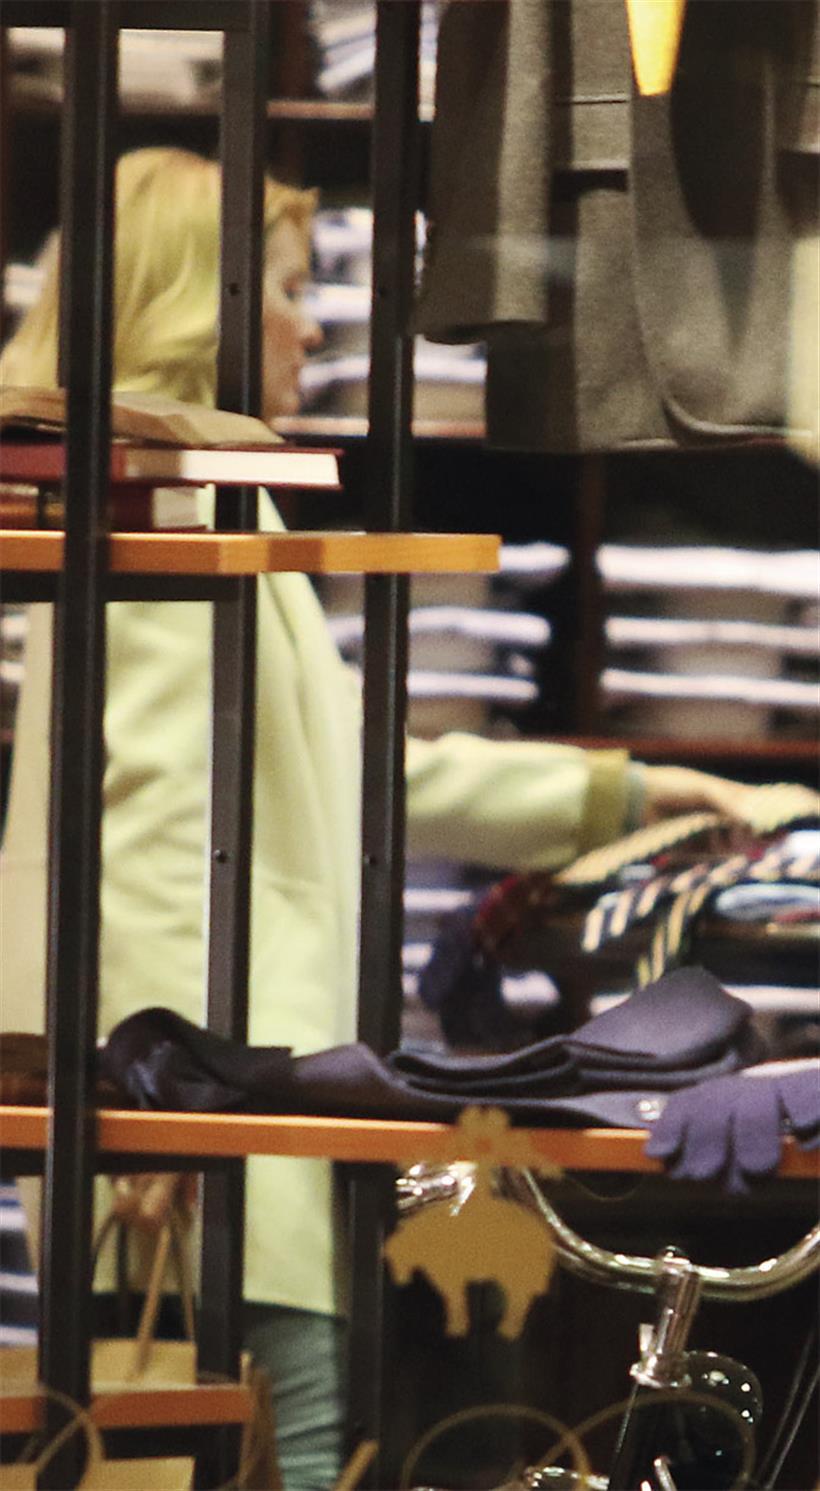 Ελένη Μενεγάκη: Το δώρο στον Μάκη! - Φωτογραφία